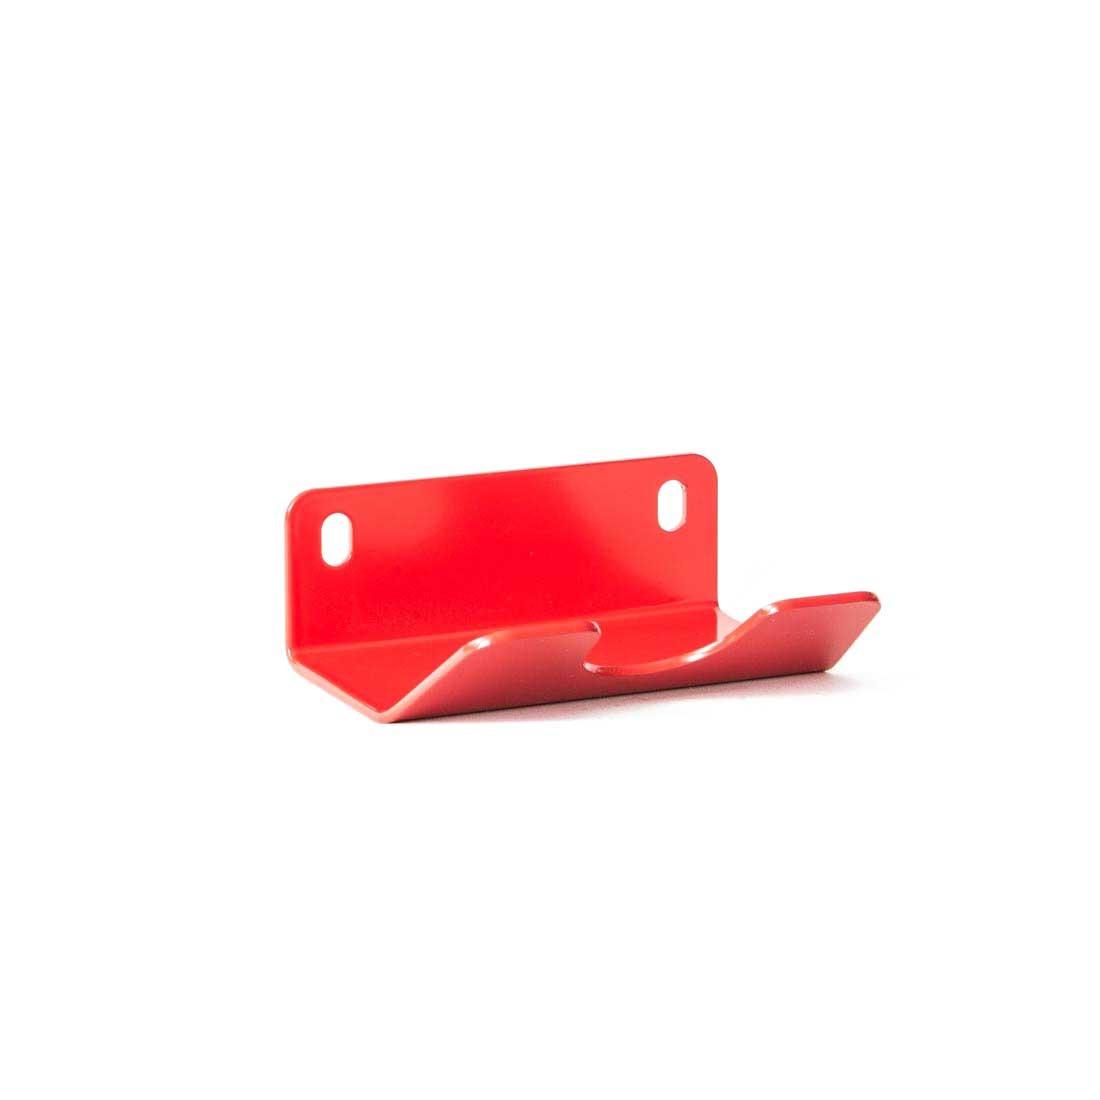 heartwood-universal_skateboard_hanger-strawberry_red